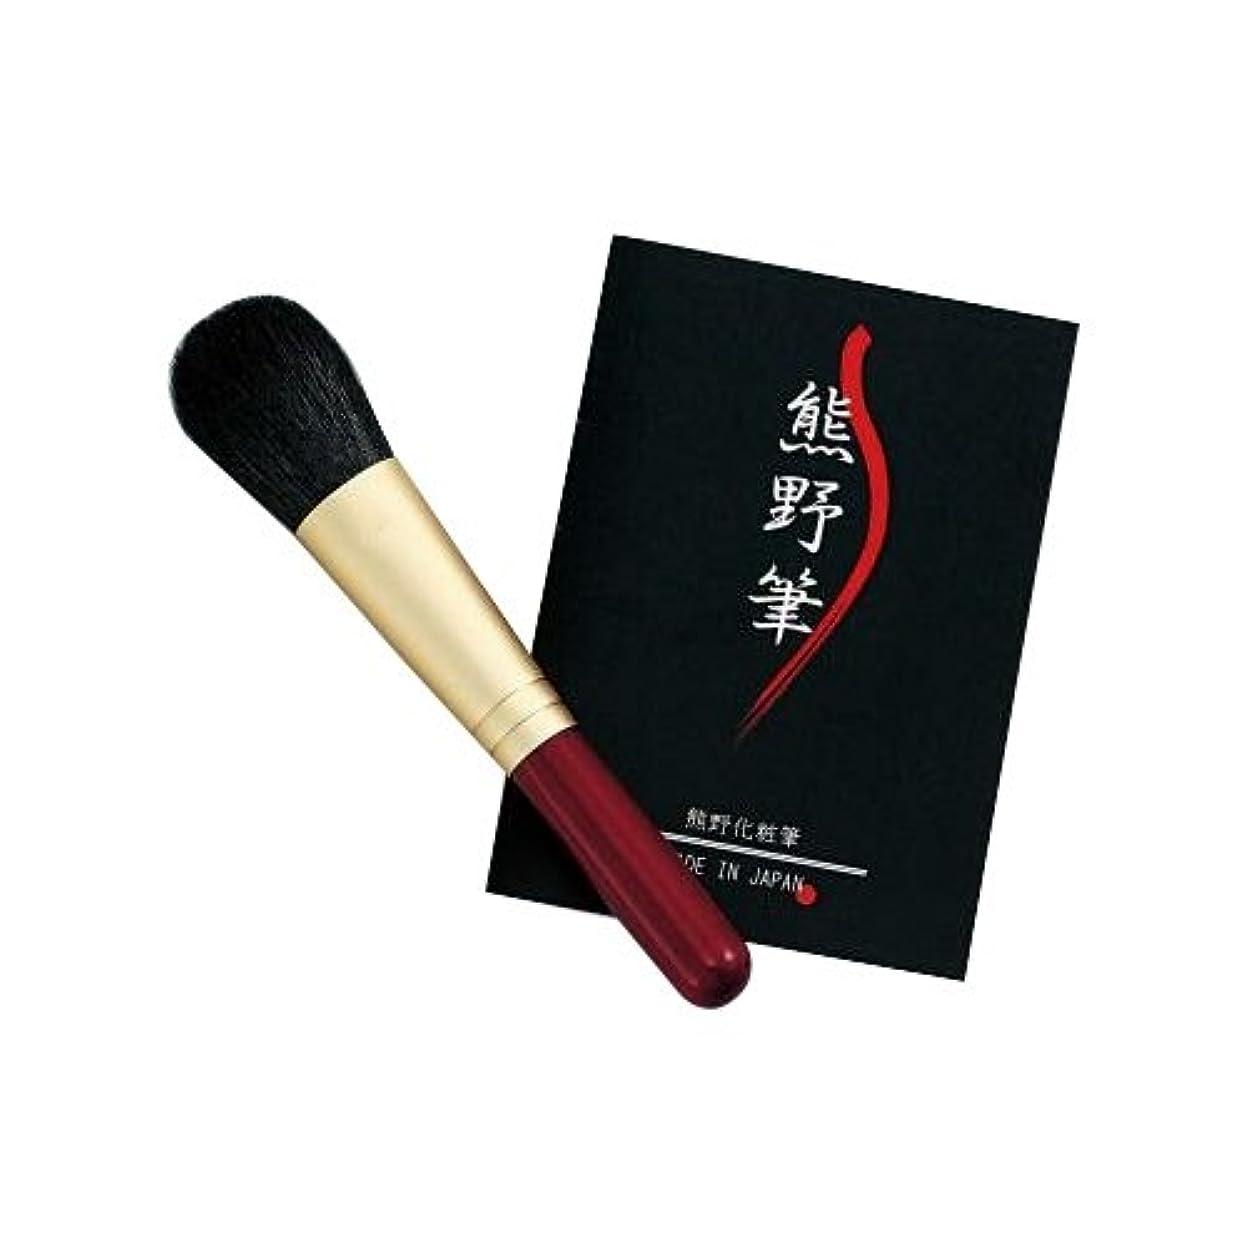 排泄物の面では推進ゼニス 熊野化粧筆 筆の心 チークブラシ(ショート)